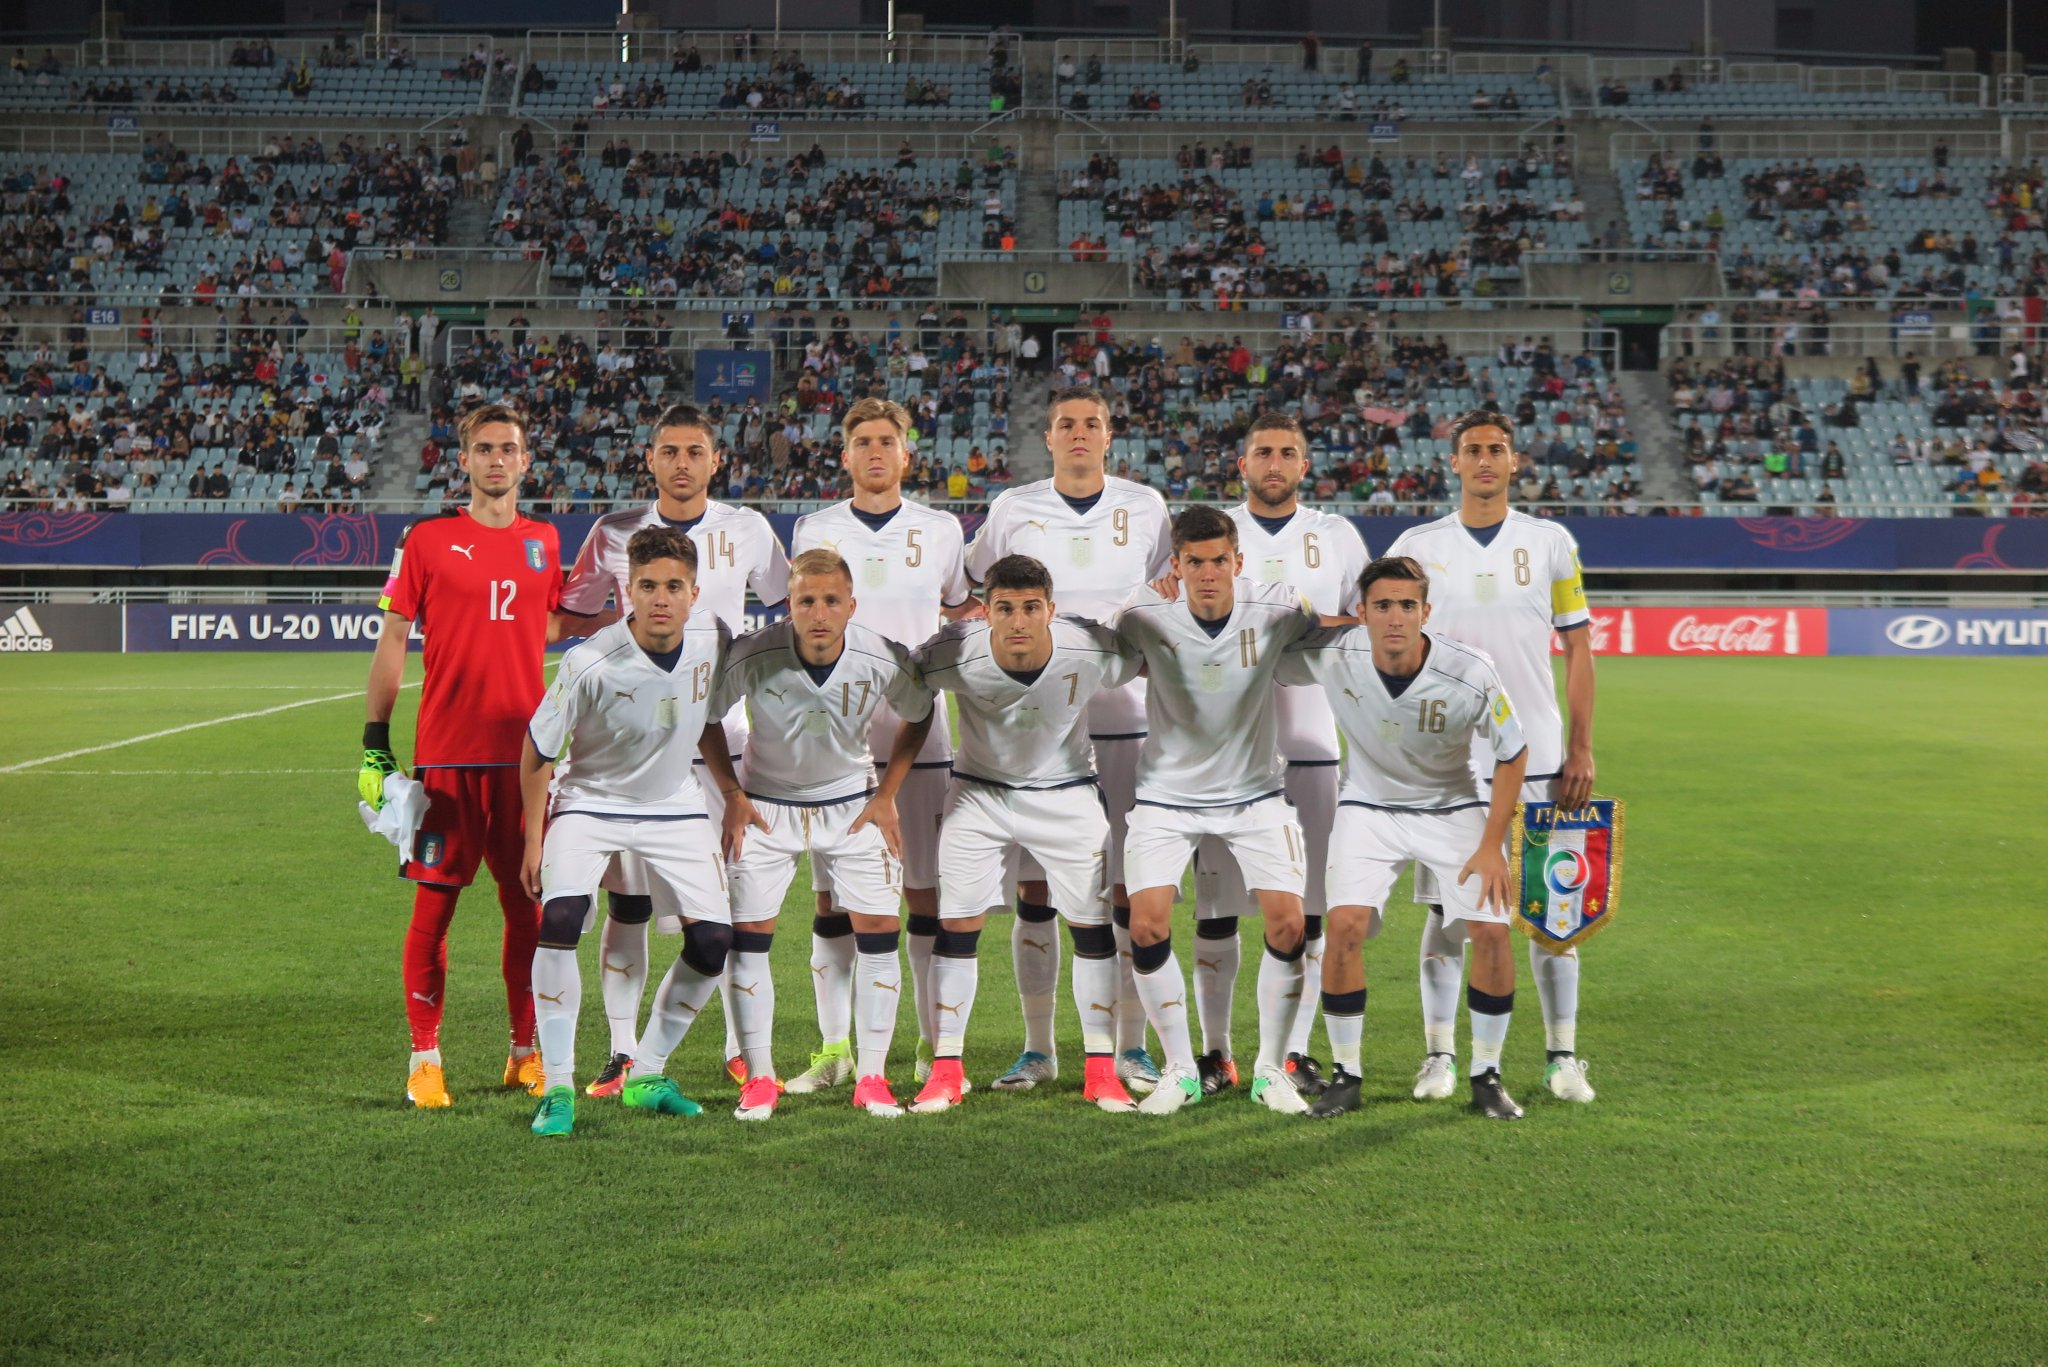 [LIVE] Mondiale U20, Giappone-Italia 0-2: azzurri bum-bum, è già fuga!